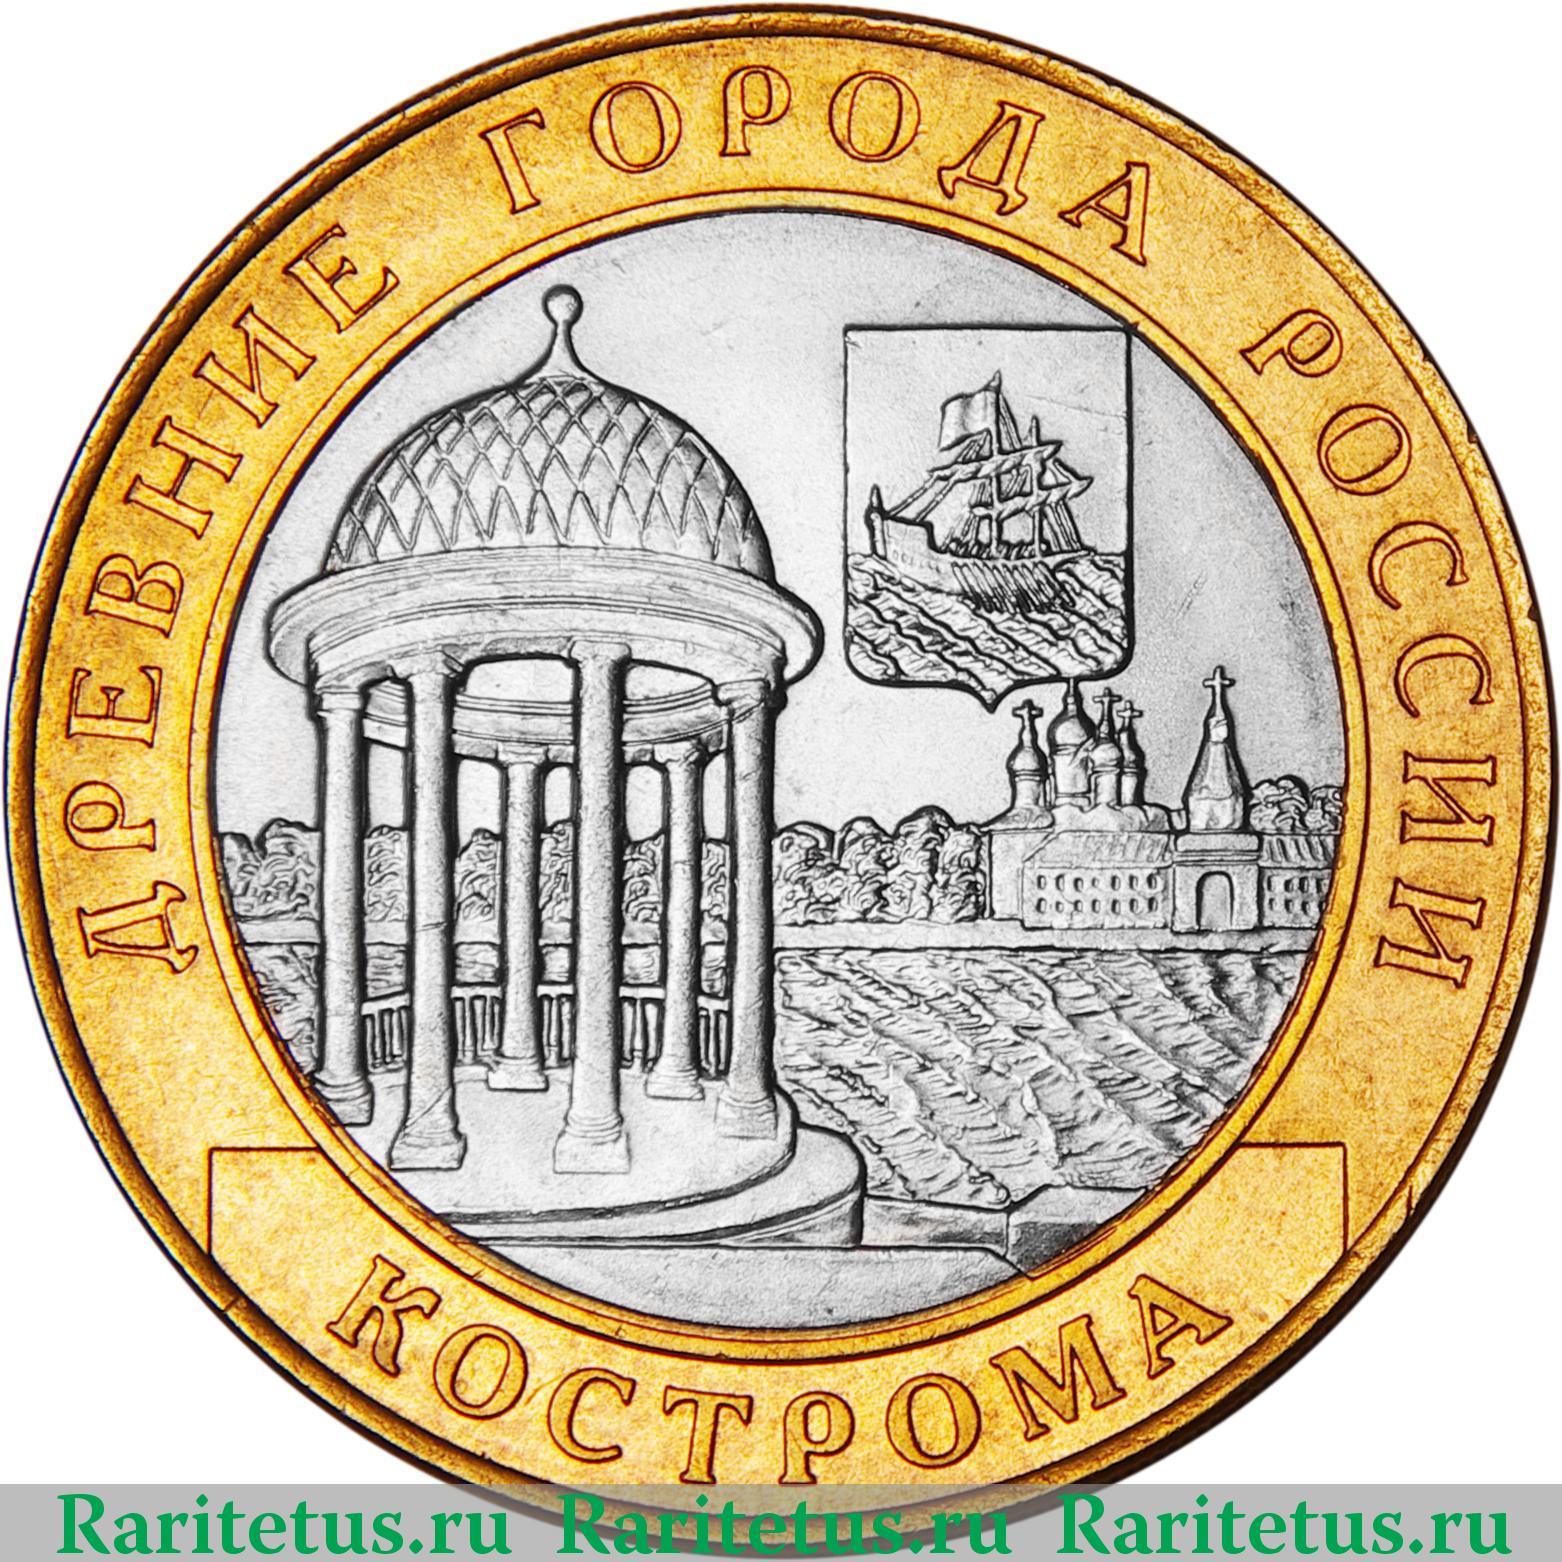 все 5 рублевые юбилейные монеты